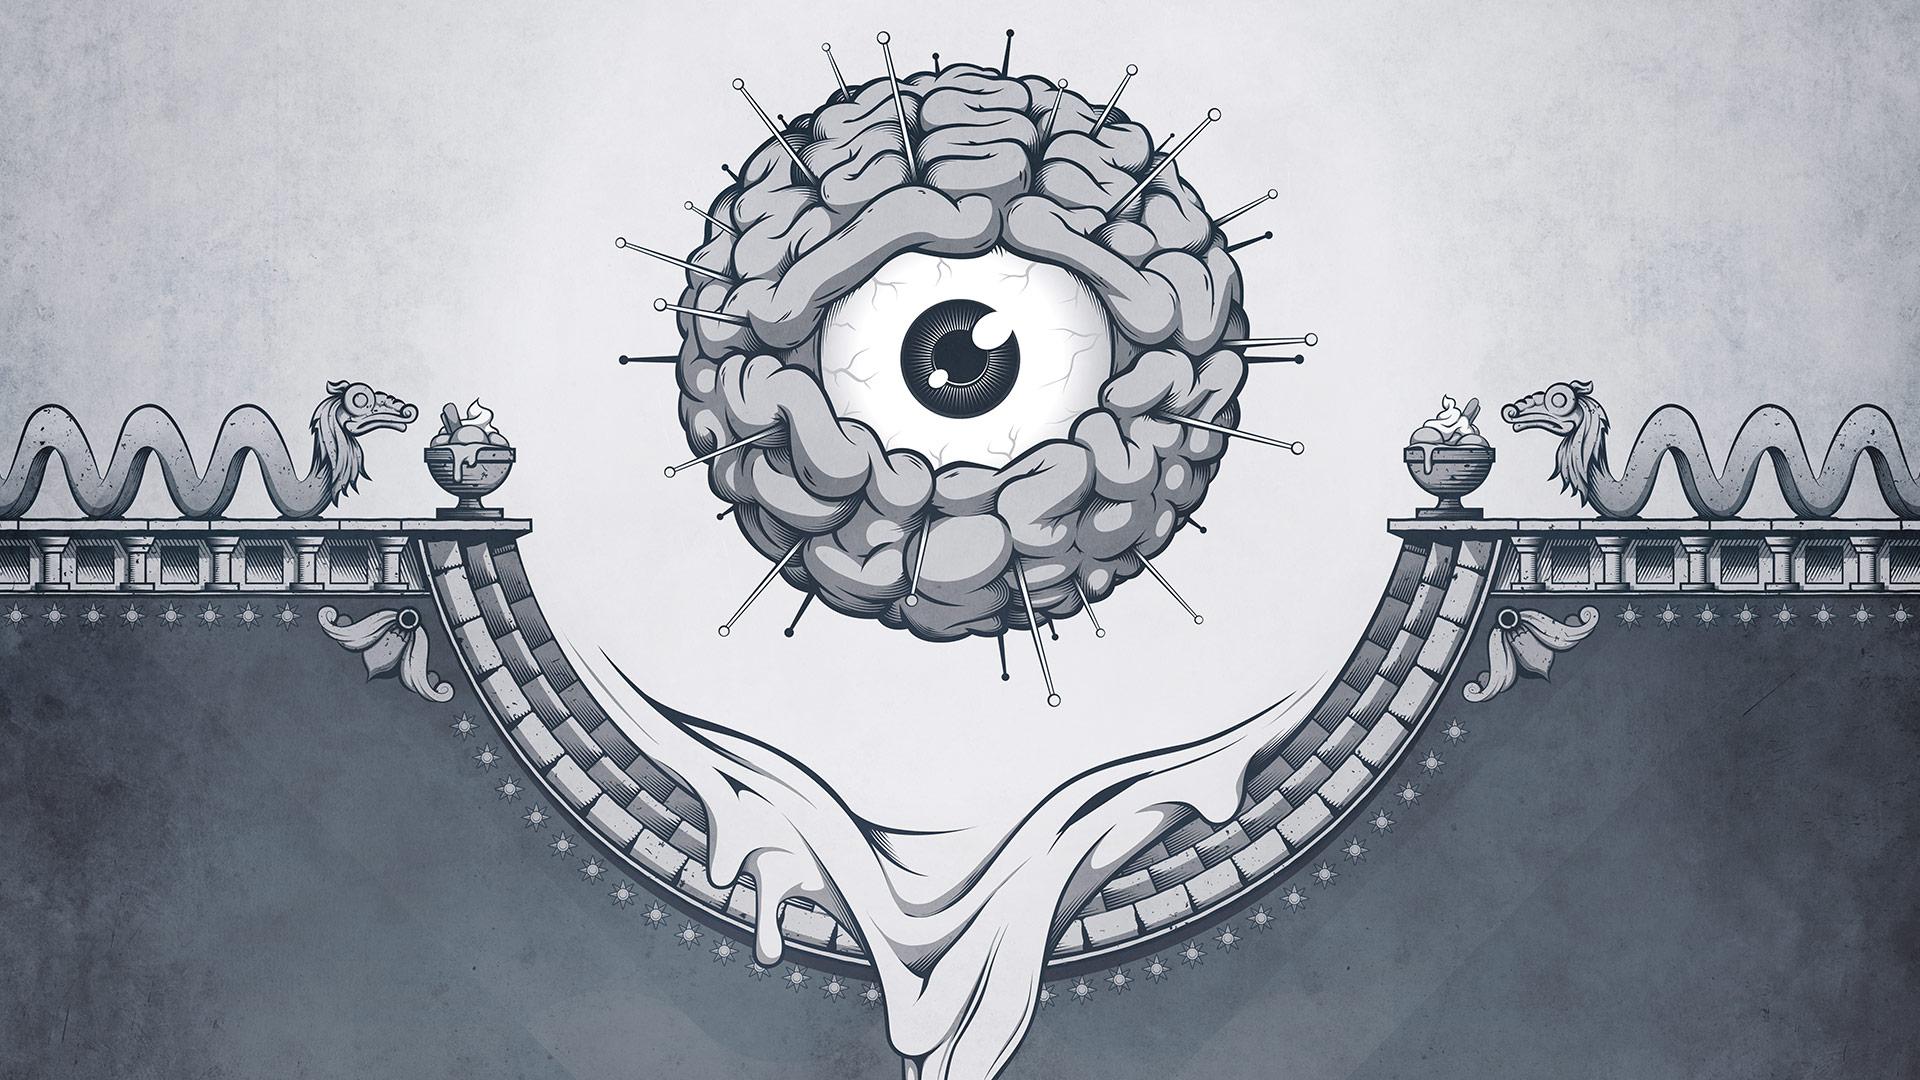 Metamorphosis   Illustration By Artjom Meister   Art-mas.com